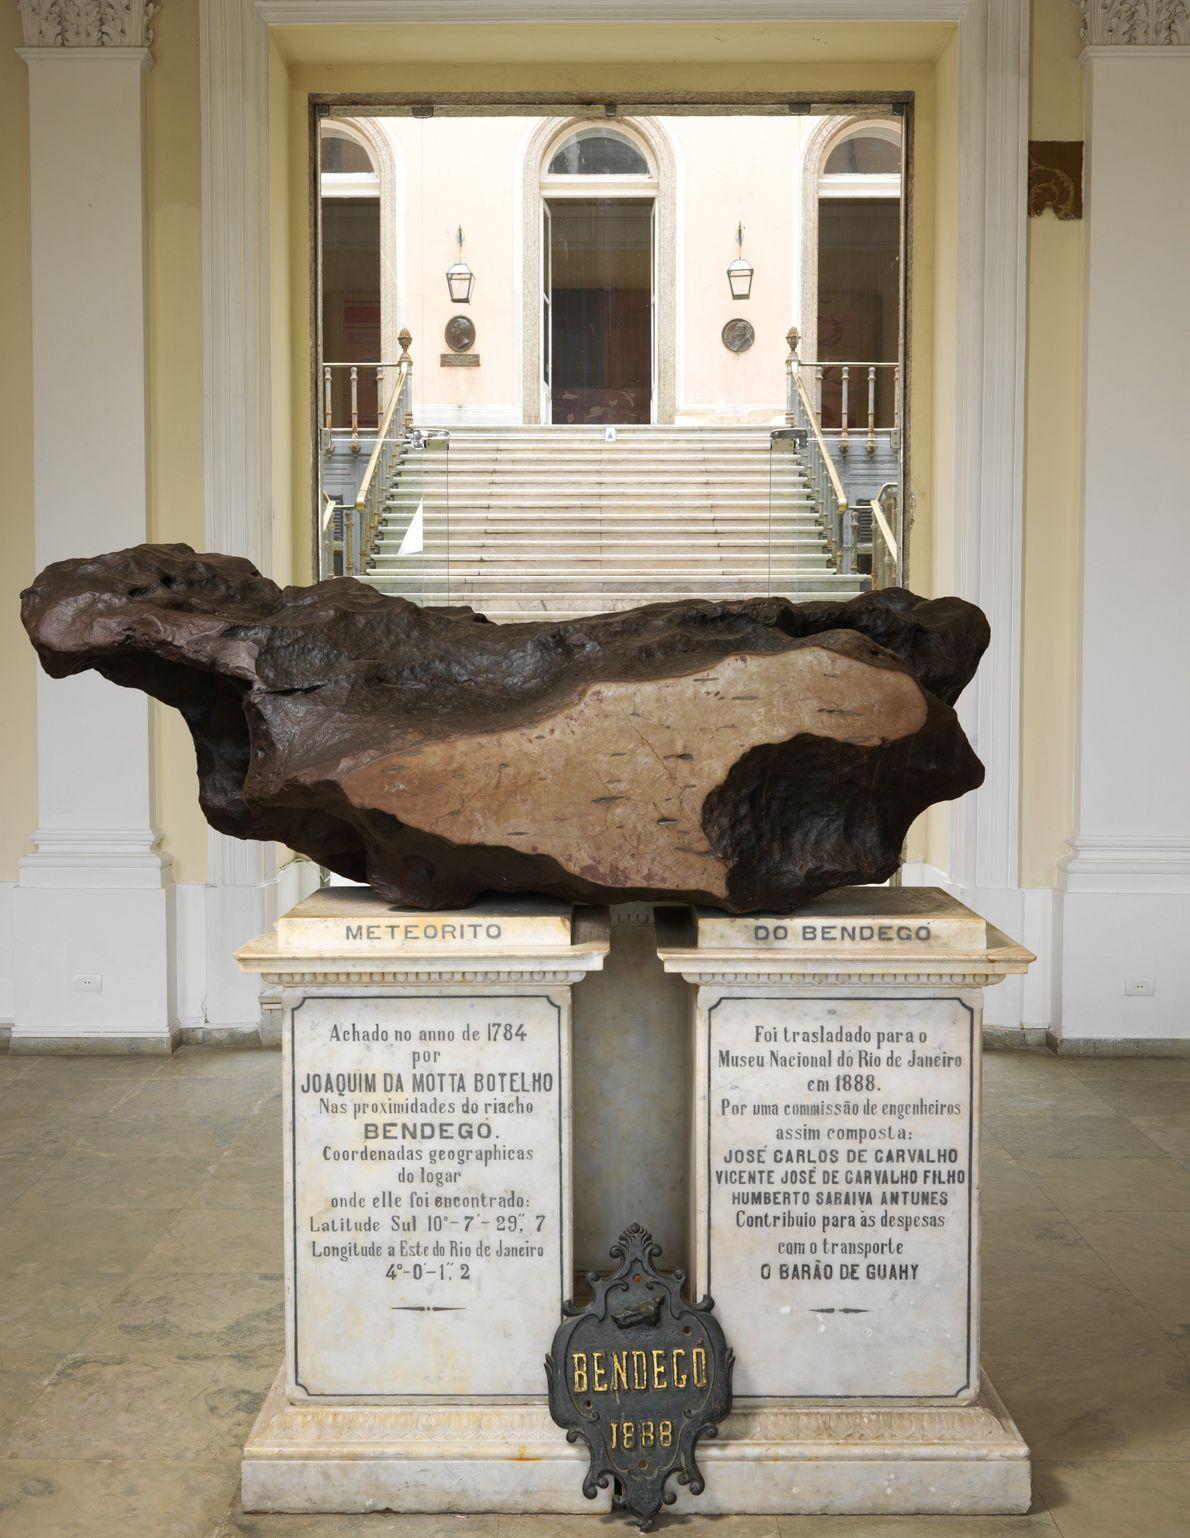 Meteorito Bendegó